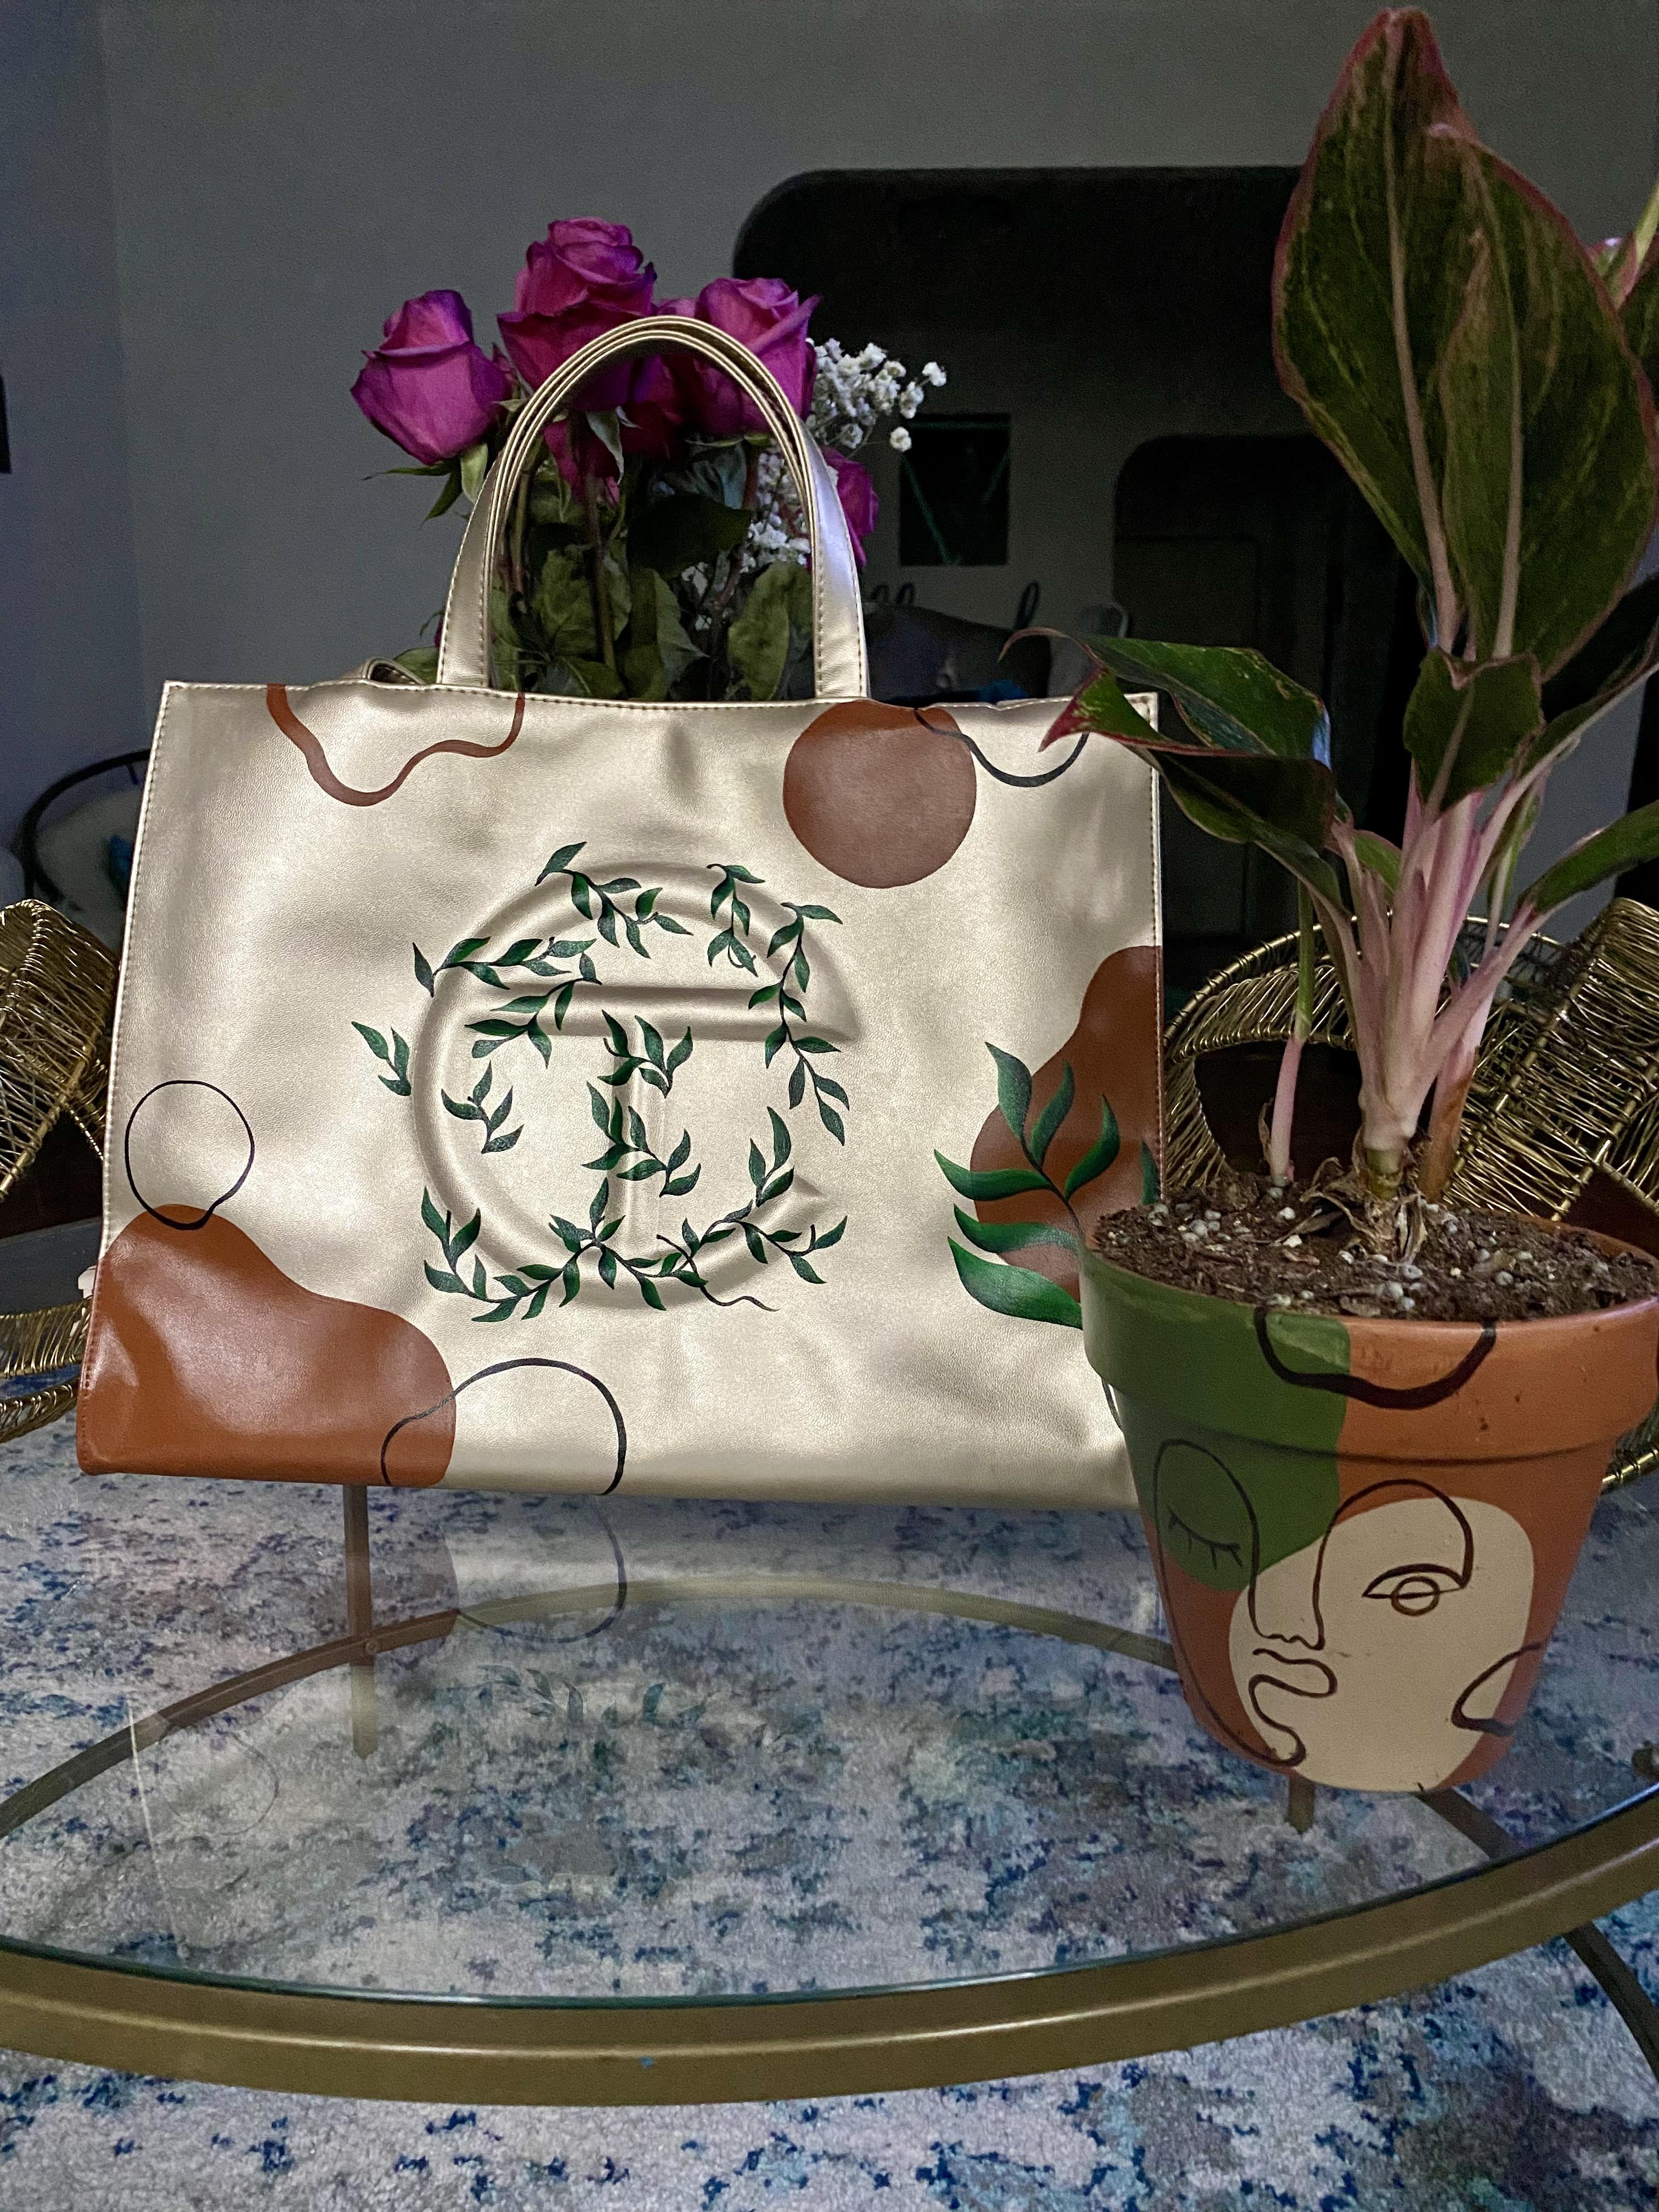 Marsha B Telfar bag